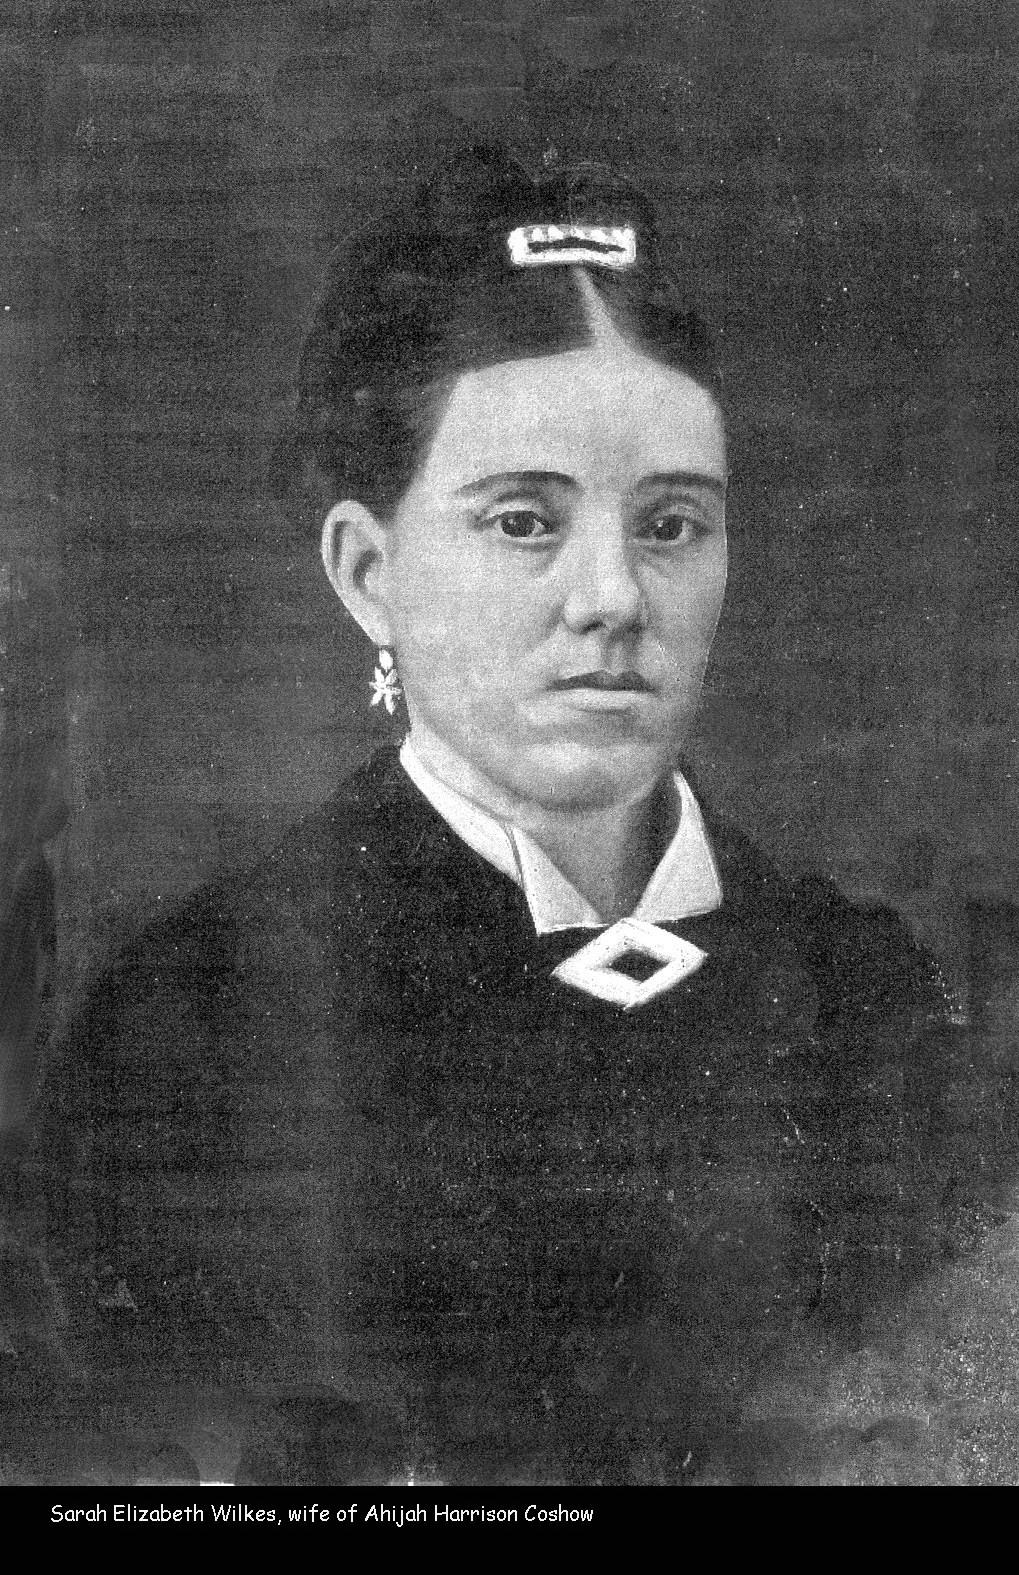 Sarah Elizabeth Wilkes